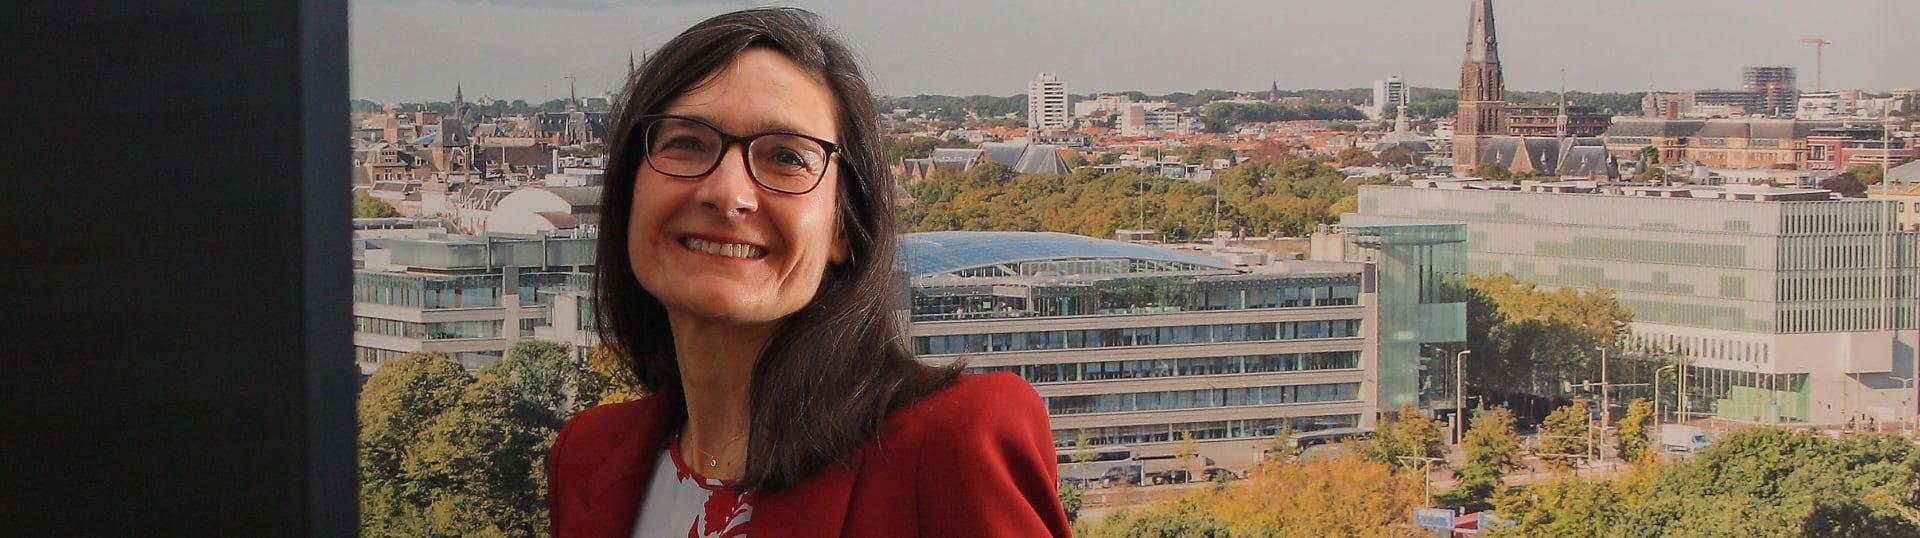 Anna Francesca Mancosu